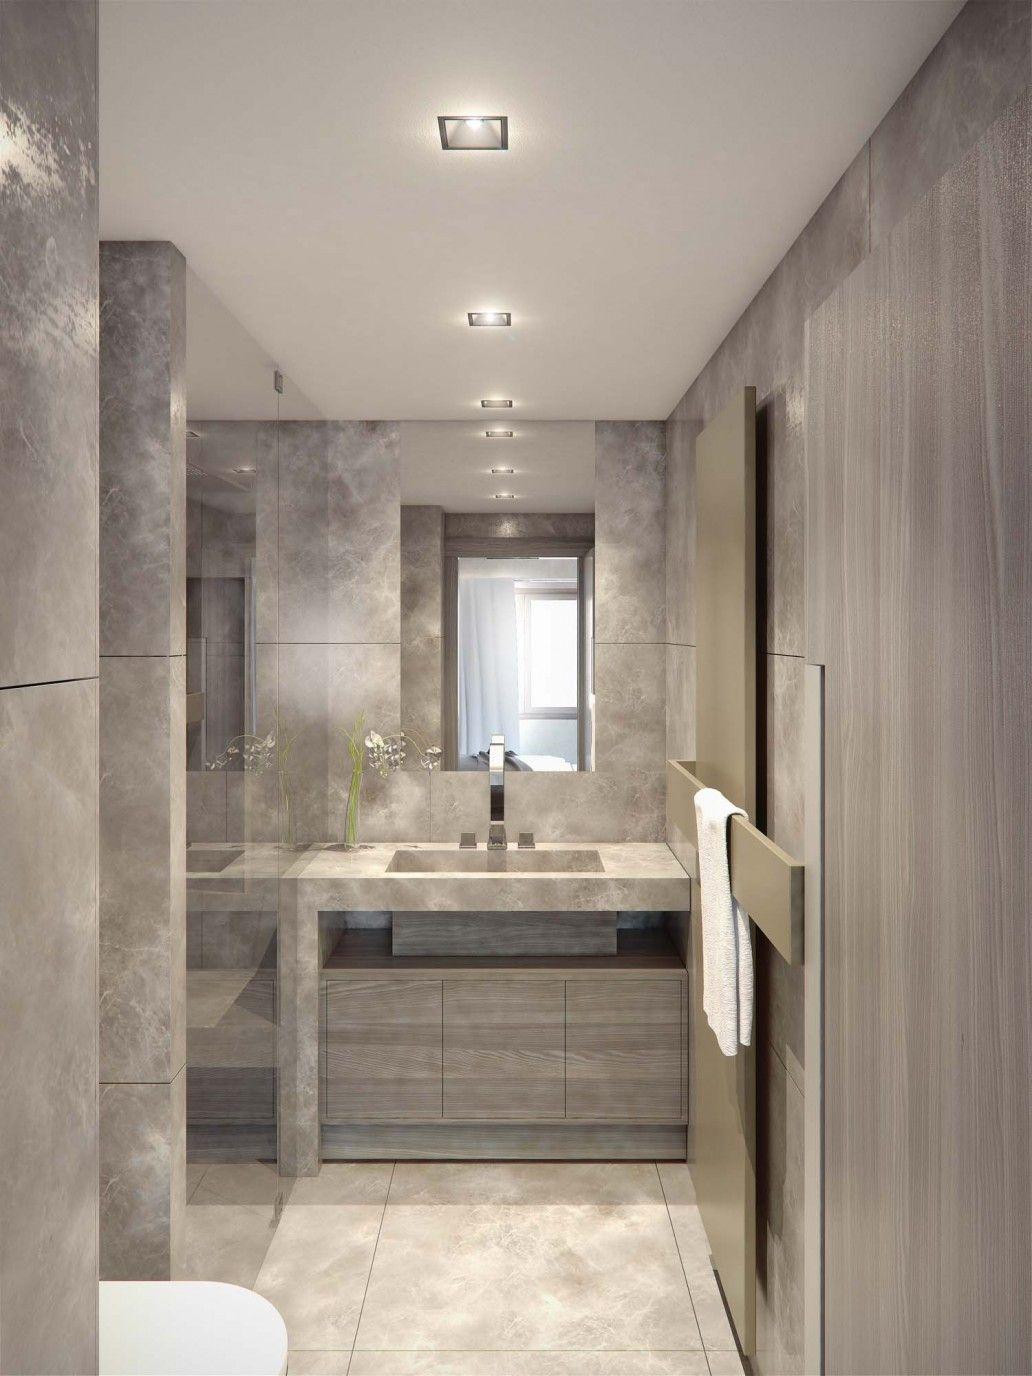 Salle De Bain Antibes villa h, antibes - carte blanche design monaco | salle de